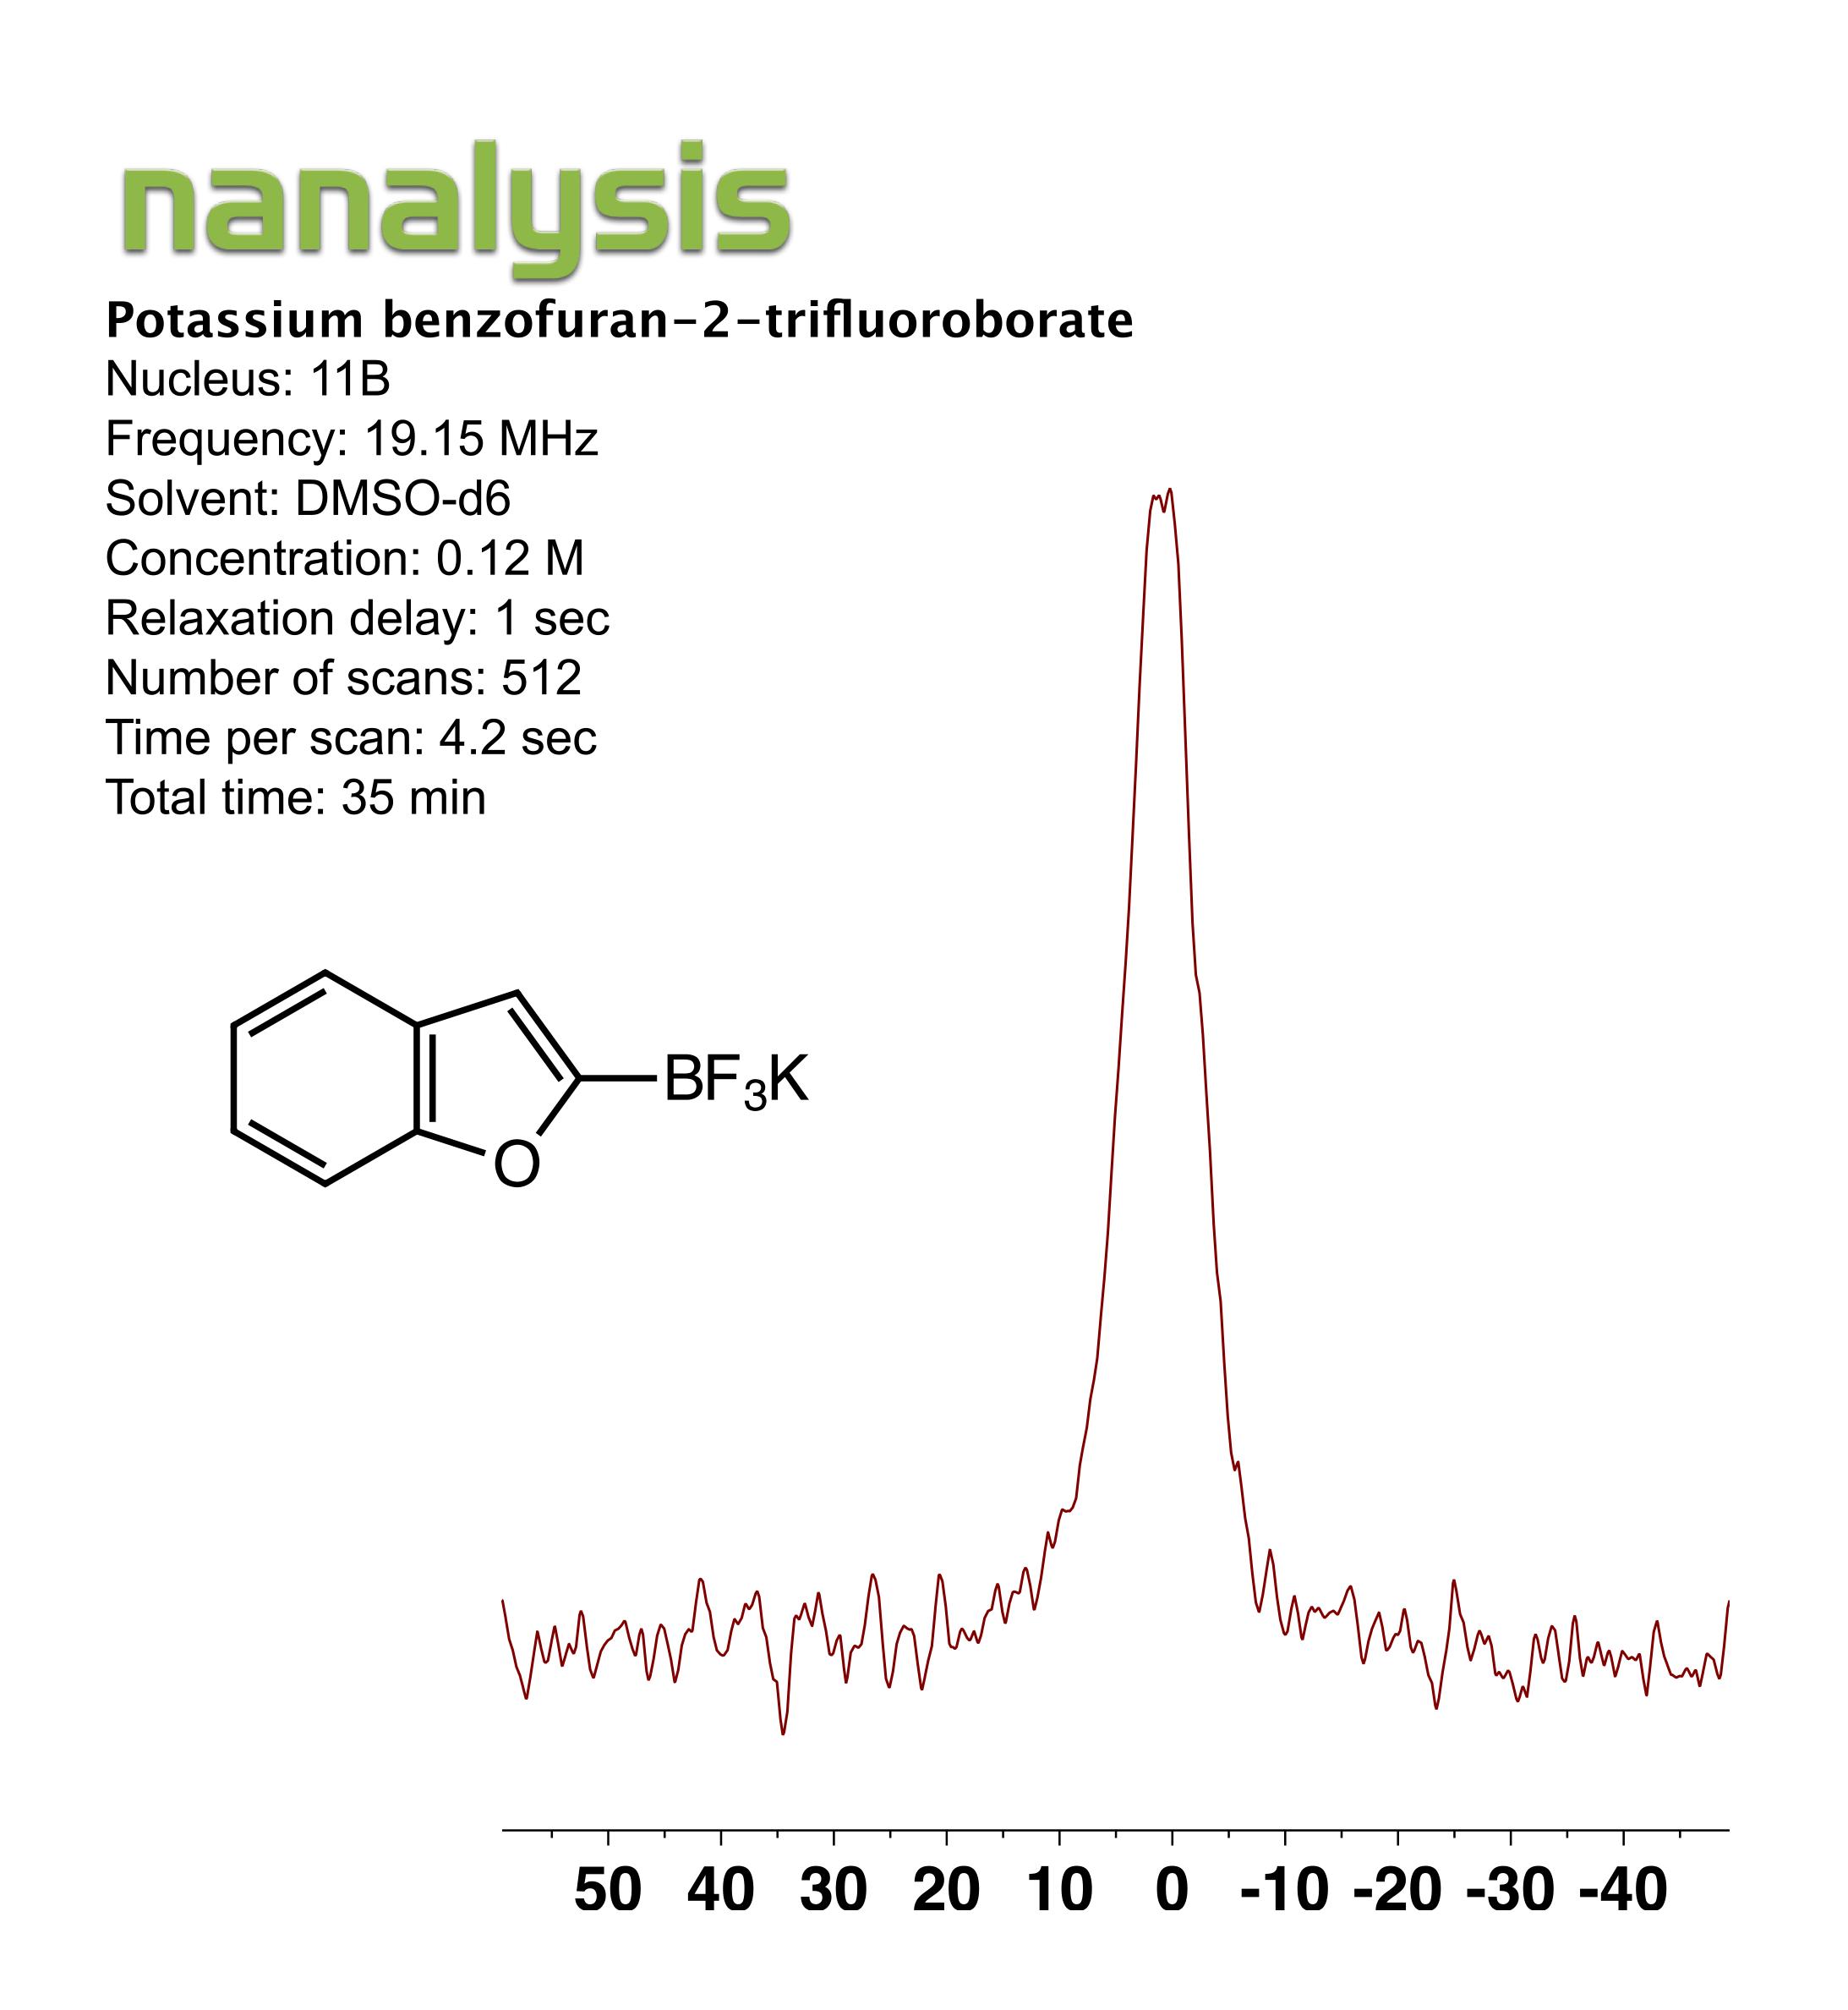 Potassium benzofuran-2-trifluoroborate